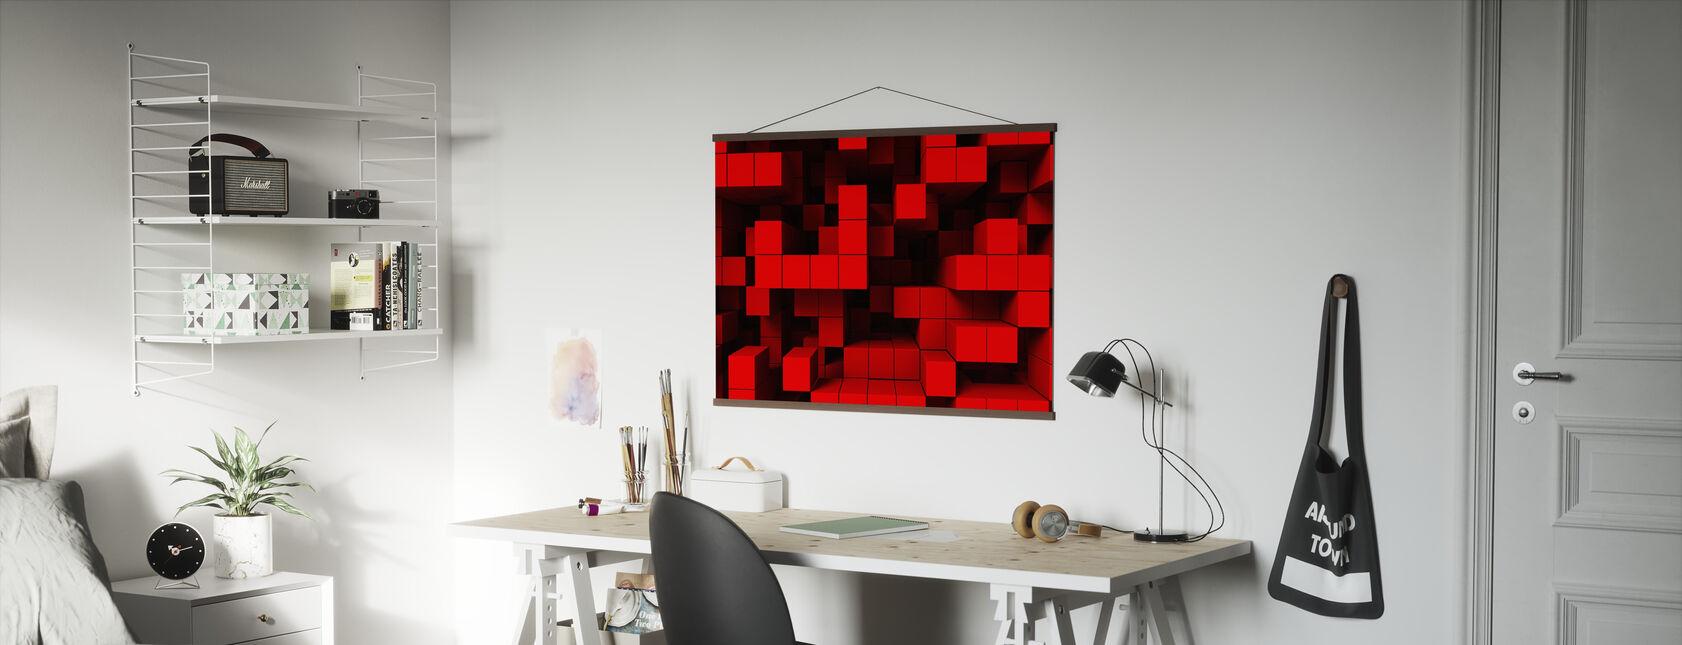 Deep Tetris - Poster - Office